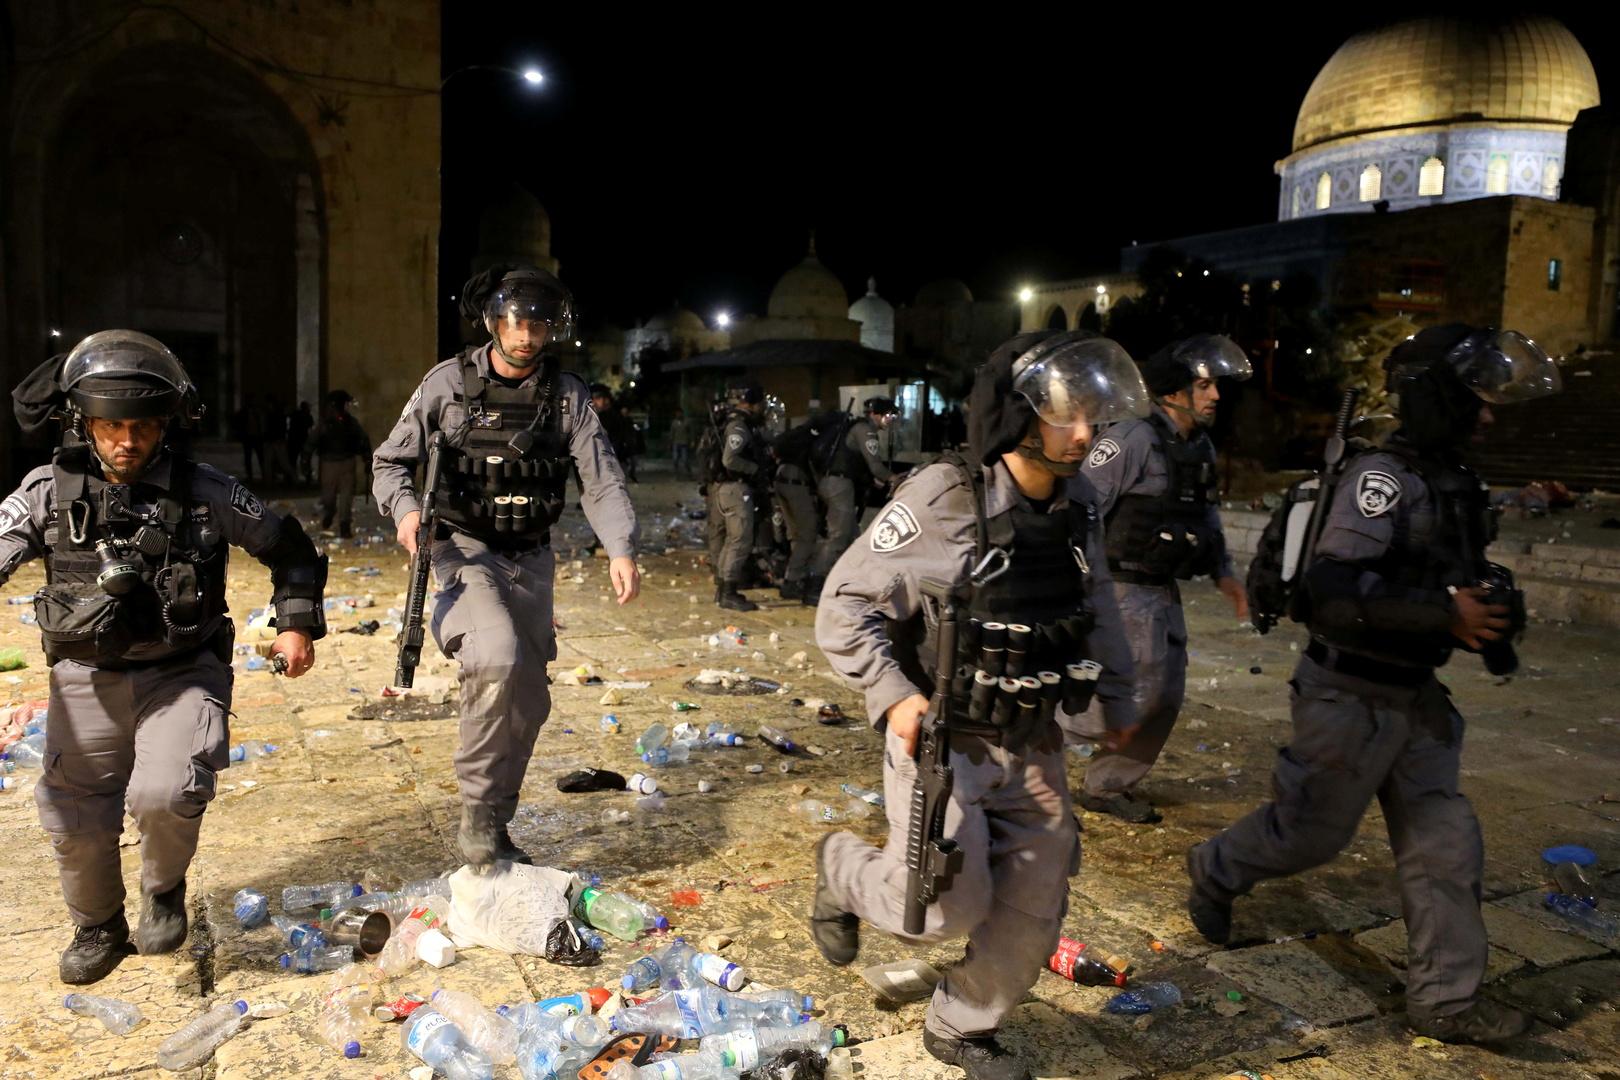 فلسطين والأردن: على المجتمع الدولي اتخاذ خطوات فورية وفاعلة لوقف الممارسات الإسرائيلية